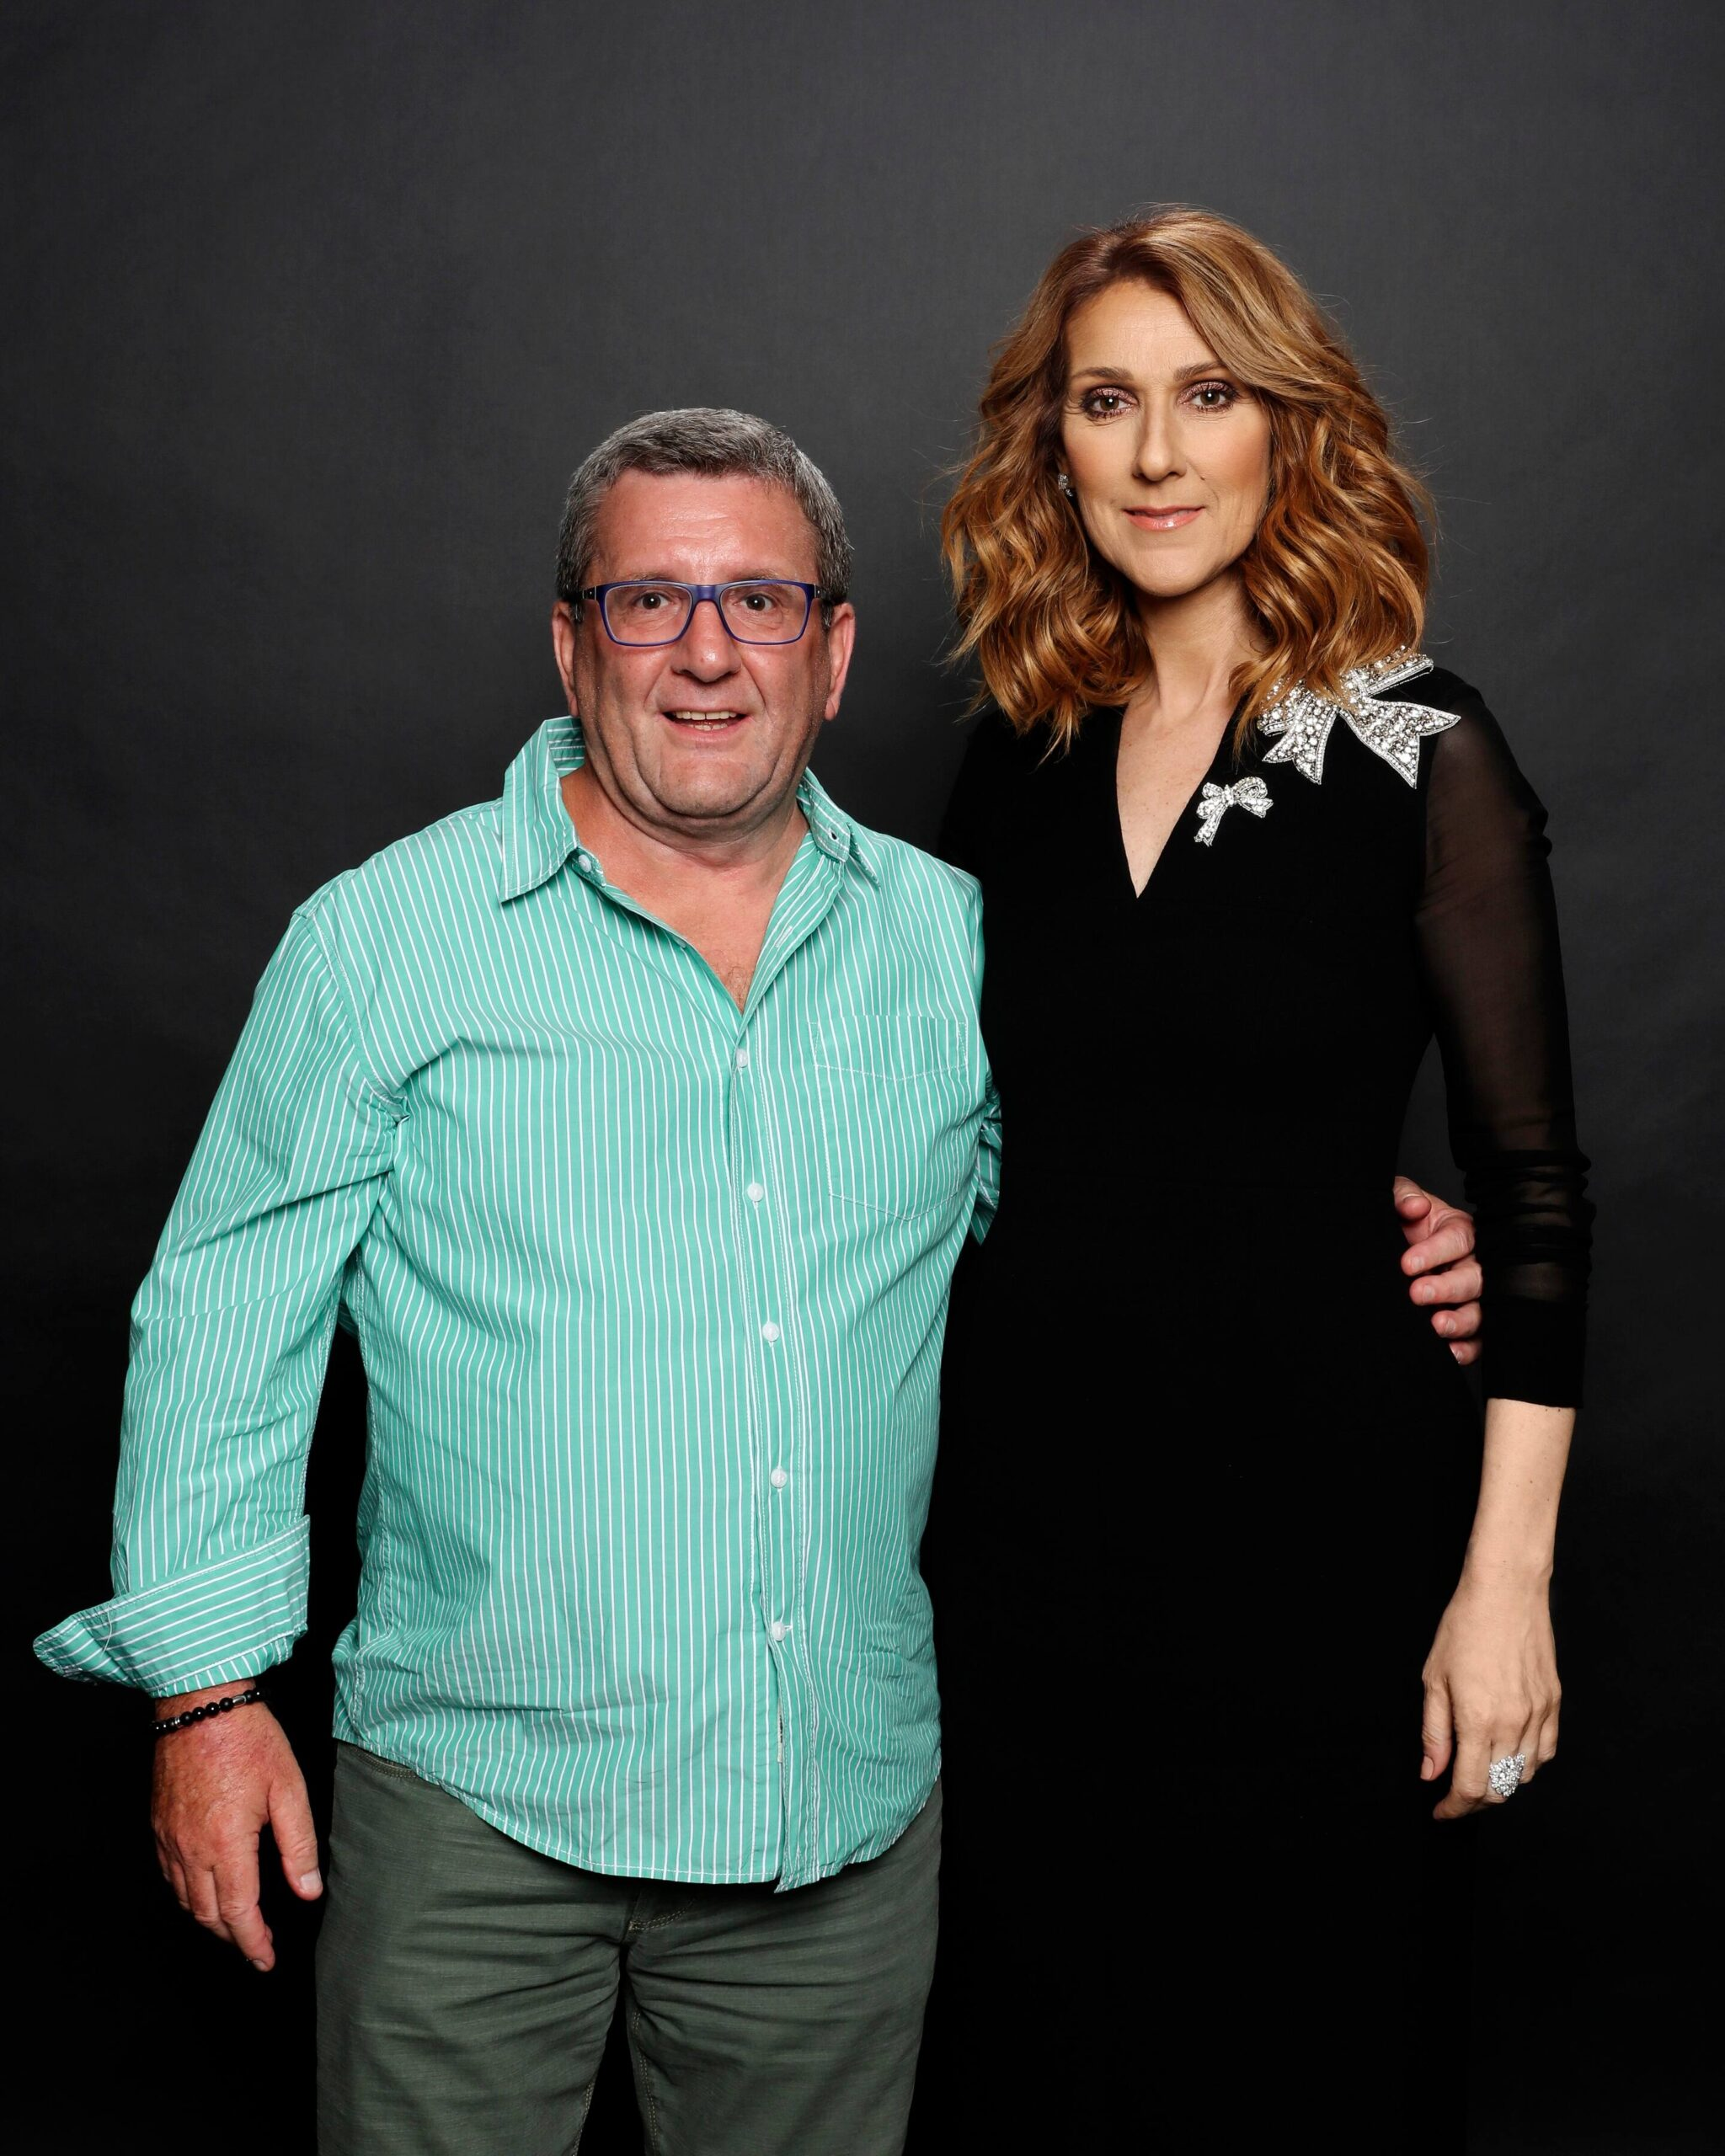 Régis Labeaume, Céline Dion (Photo Olivier Samson Arcand)